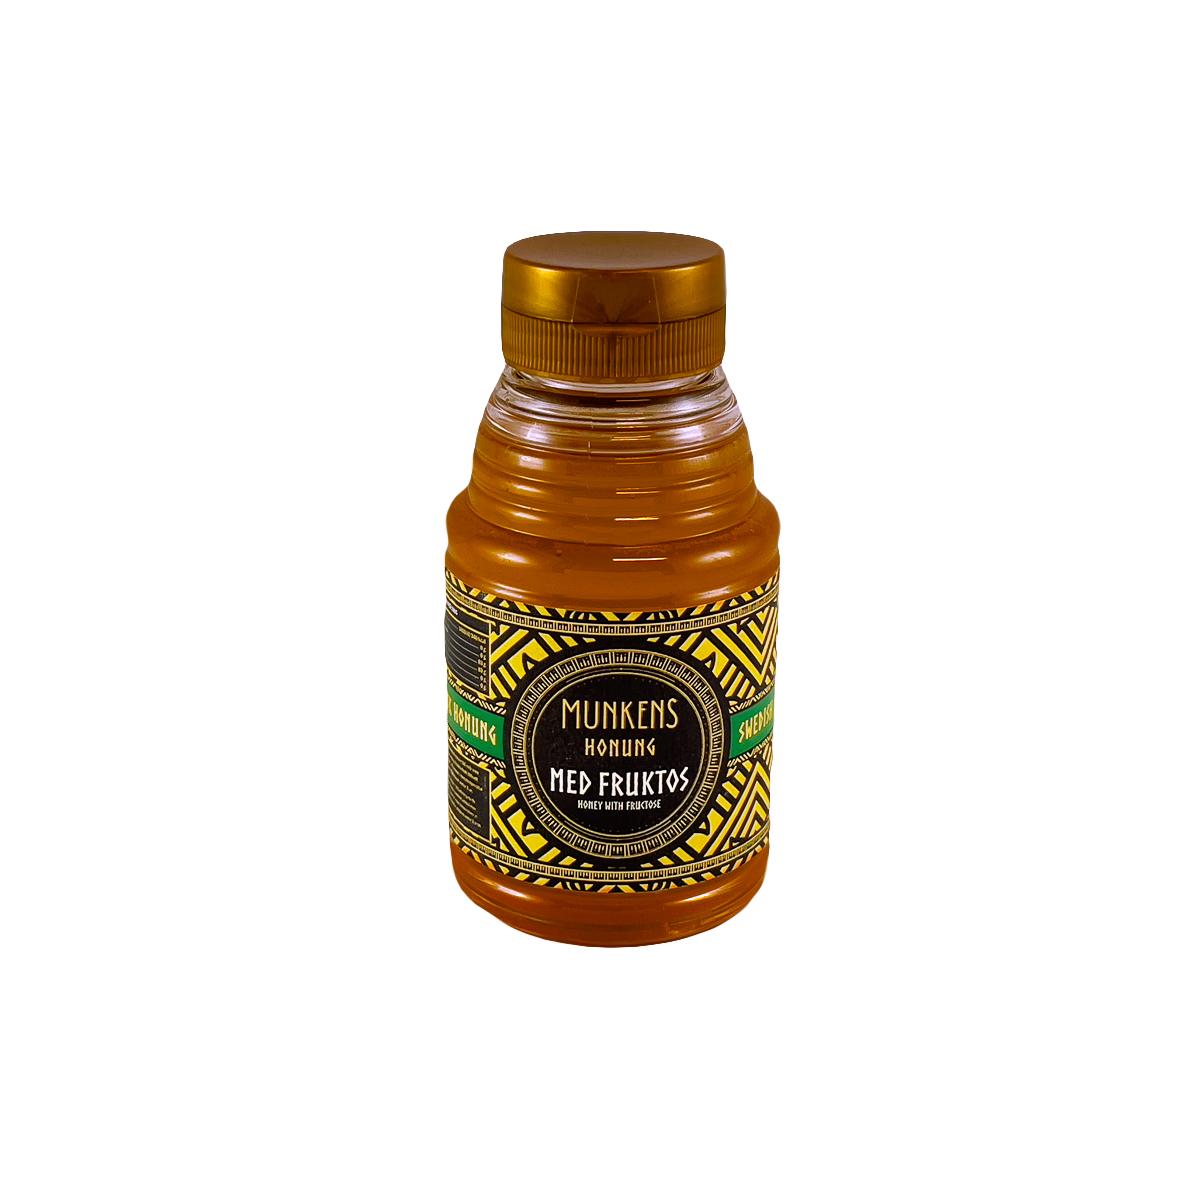 Munkens Flytande – Honung med fruktos